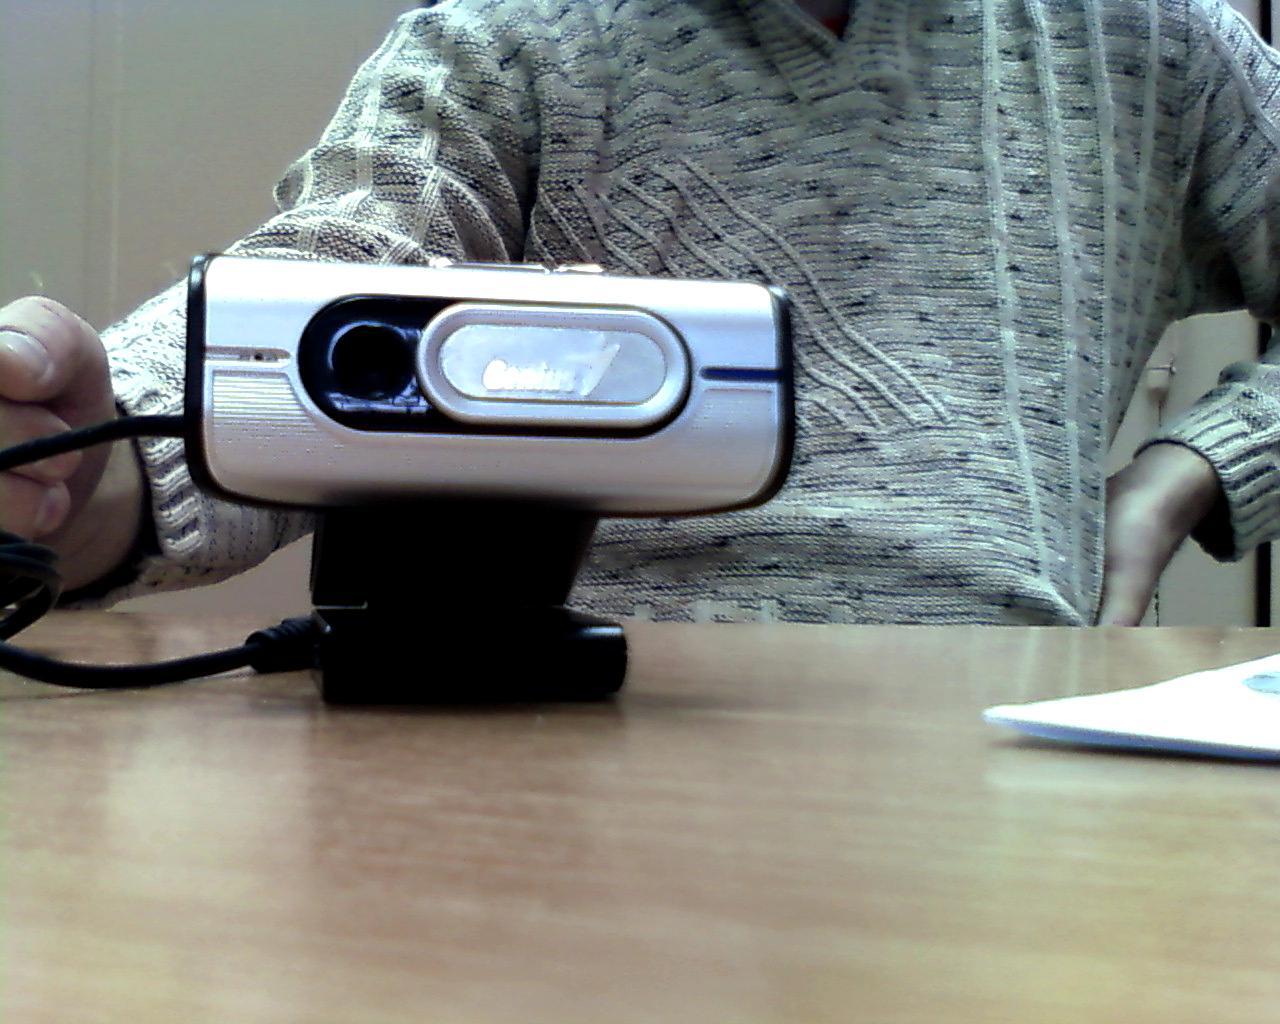 Сделать фото с веб камеры онлайн, сфоткаться на веб камеру 88